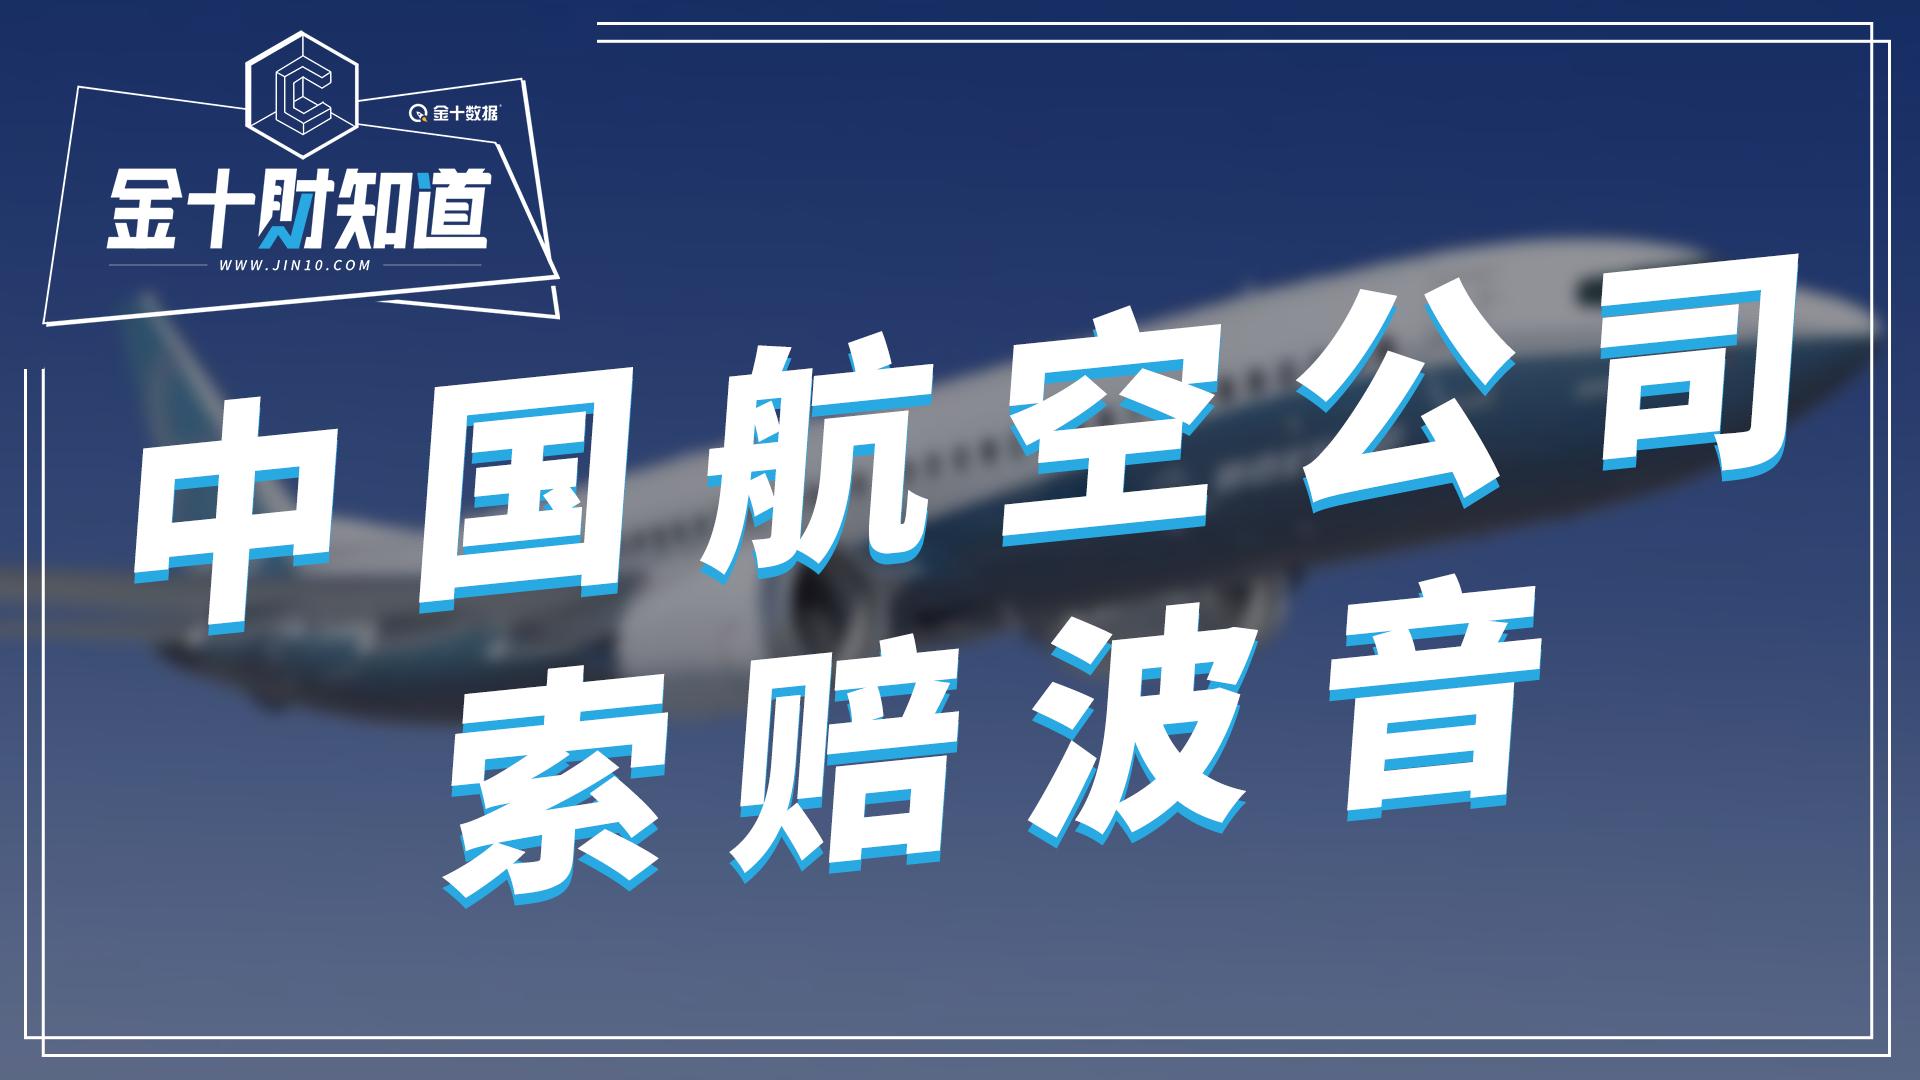 停飞15个月之后,波音再迎来坏消息:中国航空公司向波音发起索赔